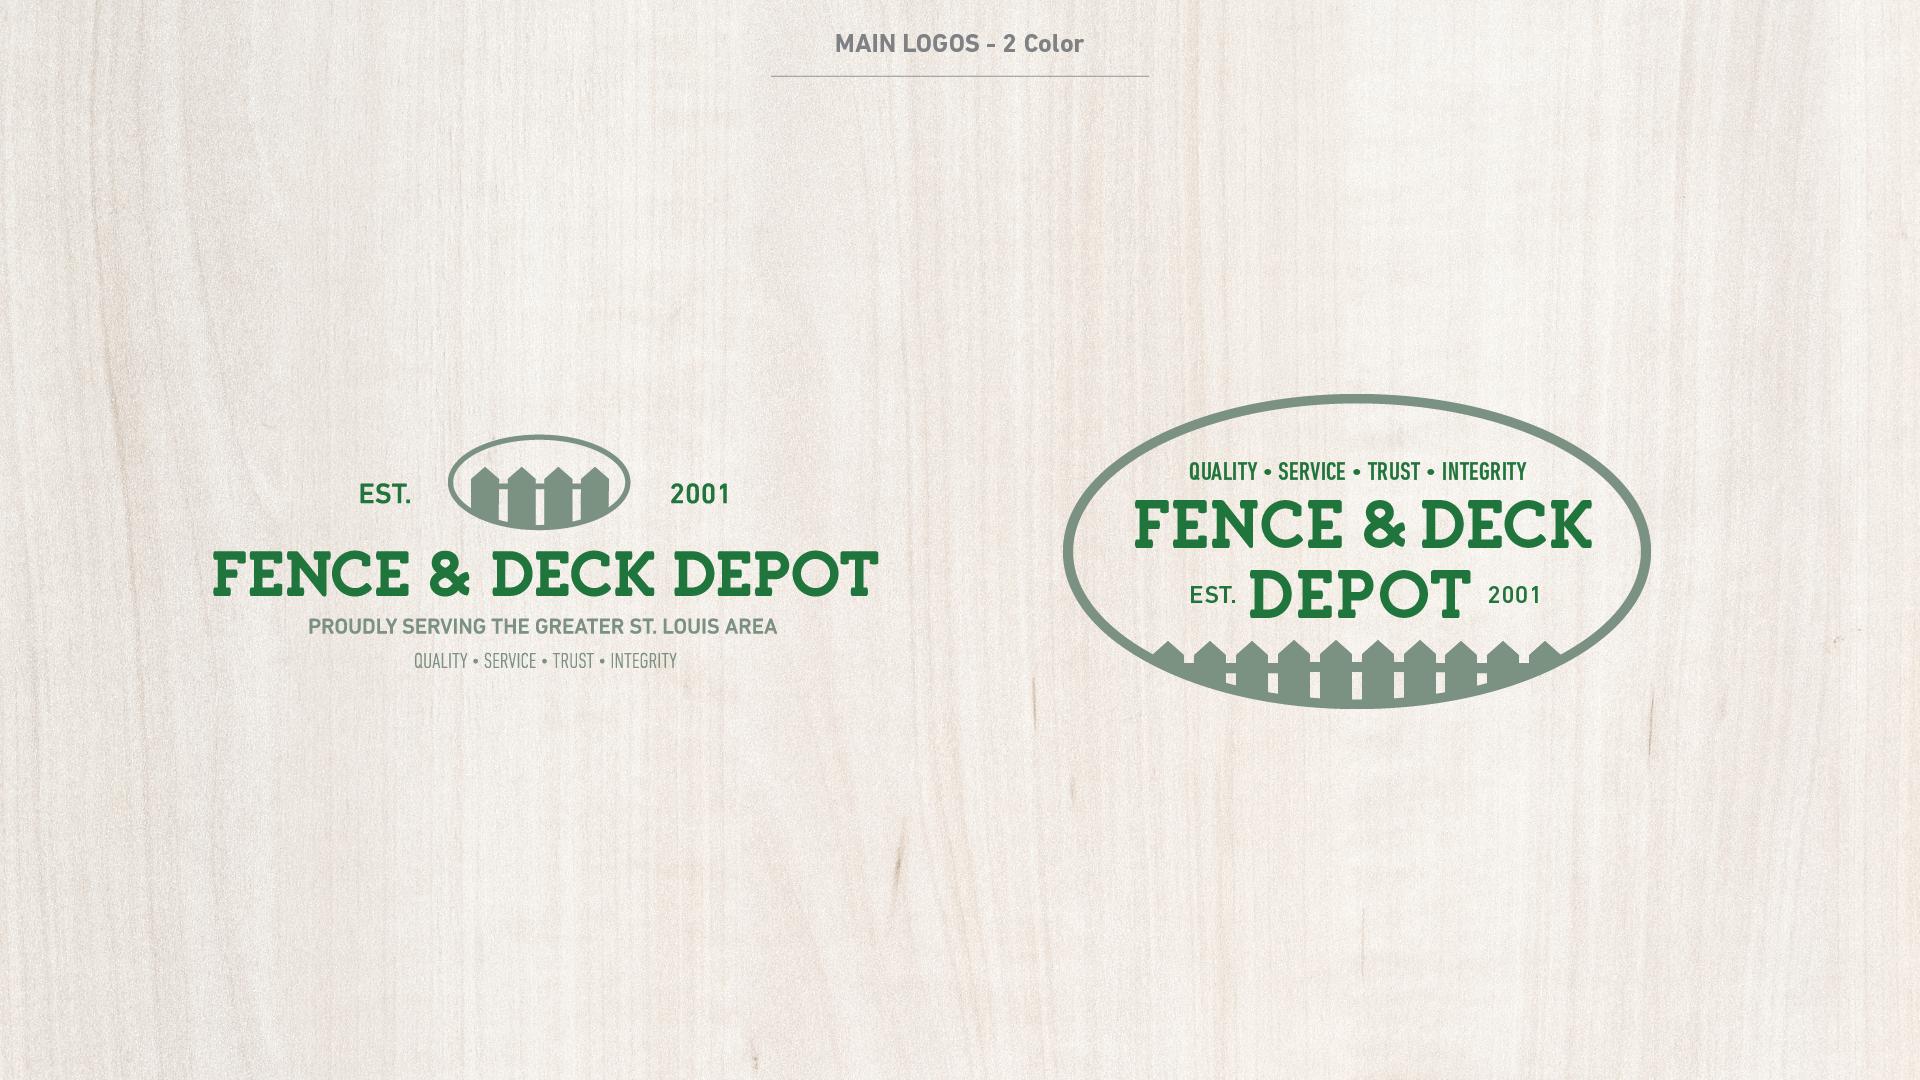 FenceDeckArtboard 1.png